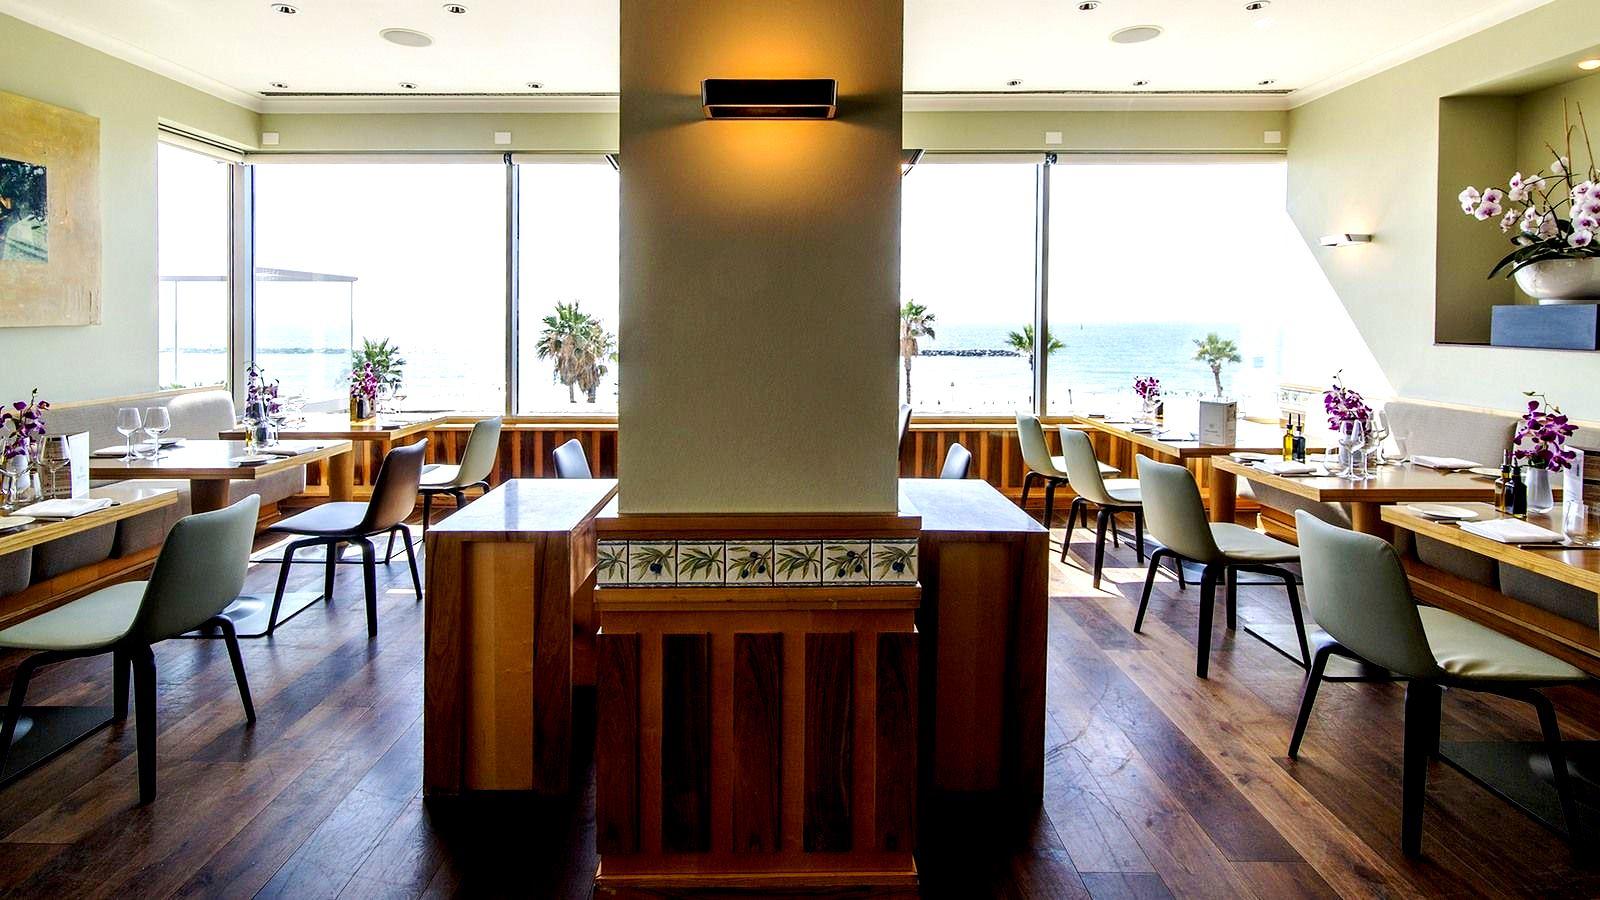 """חלון אל הים התיכון. מסעדת """"אוליב ליף"""" שבה יתקיים אירוע חמישה שפים בחמישה לילות"""